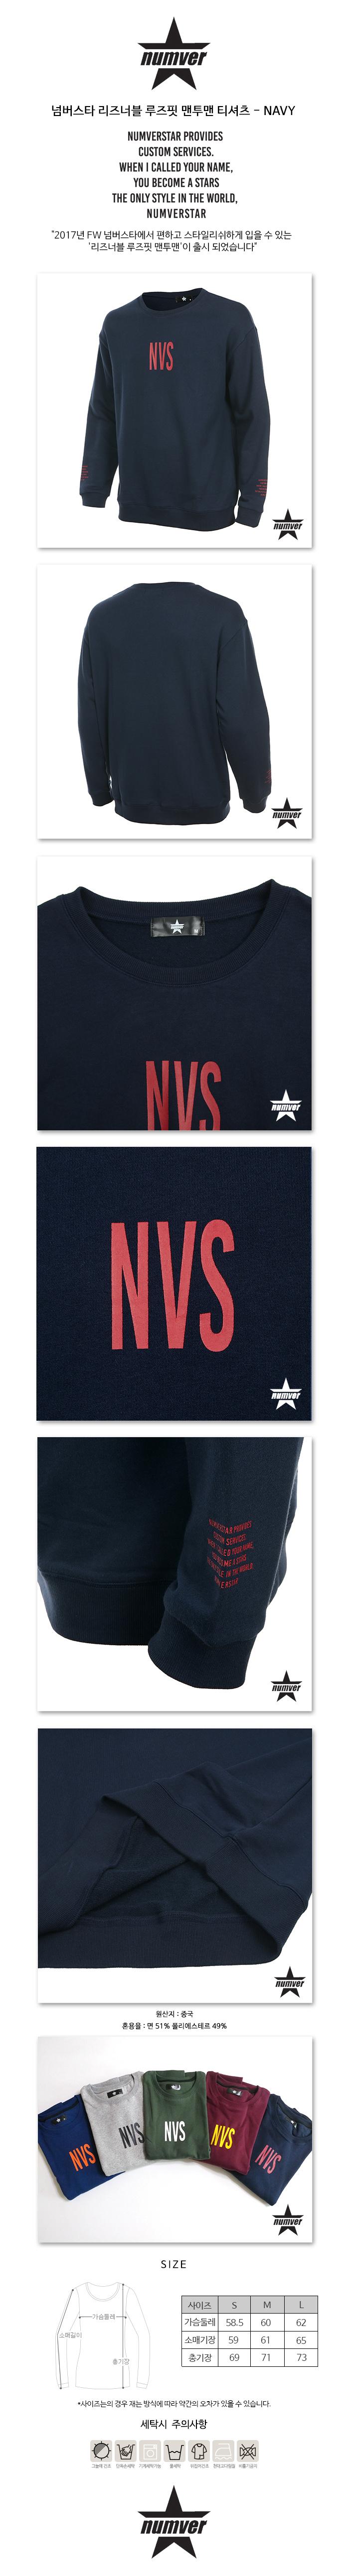 넘버스타(NUMVERSTAR) 넘버스타 리즈너블 루즈핏 맨투맨 티셔츠 - NAVY